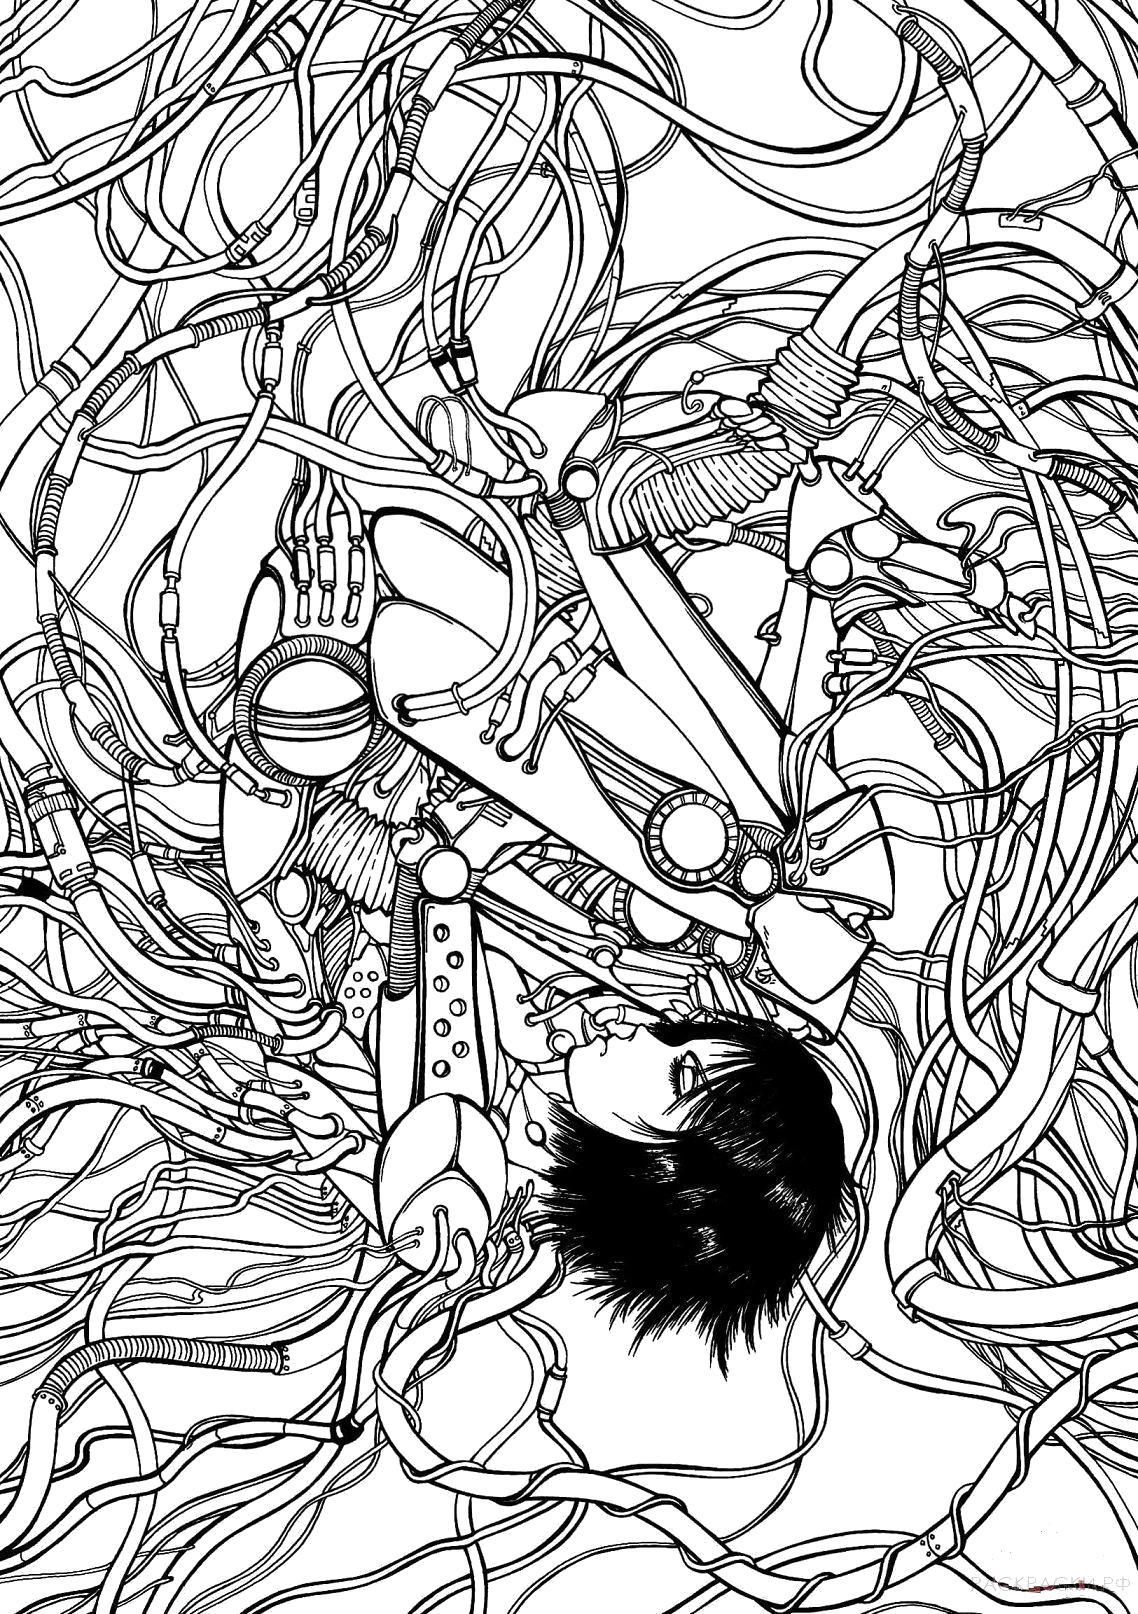 Раскраска  Гали из аниме Боевой ангел. Скачать .  Распечатать